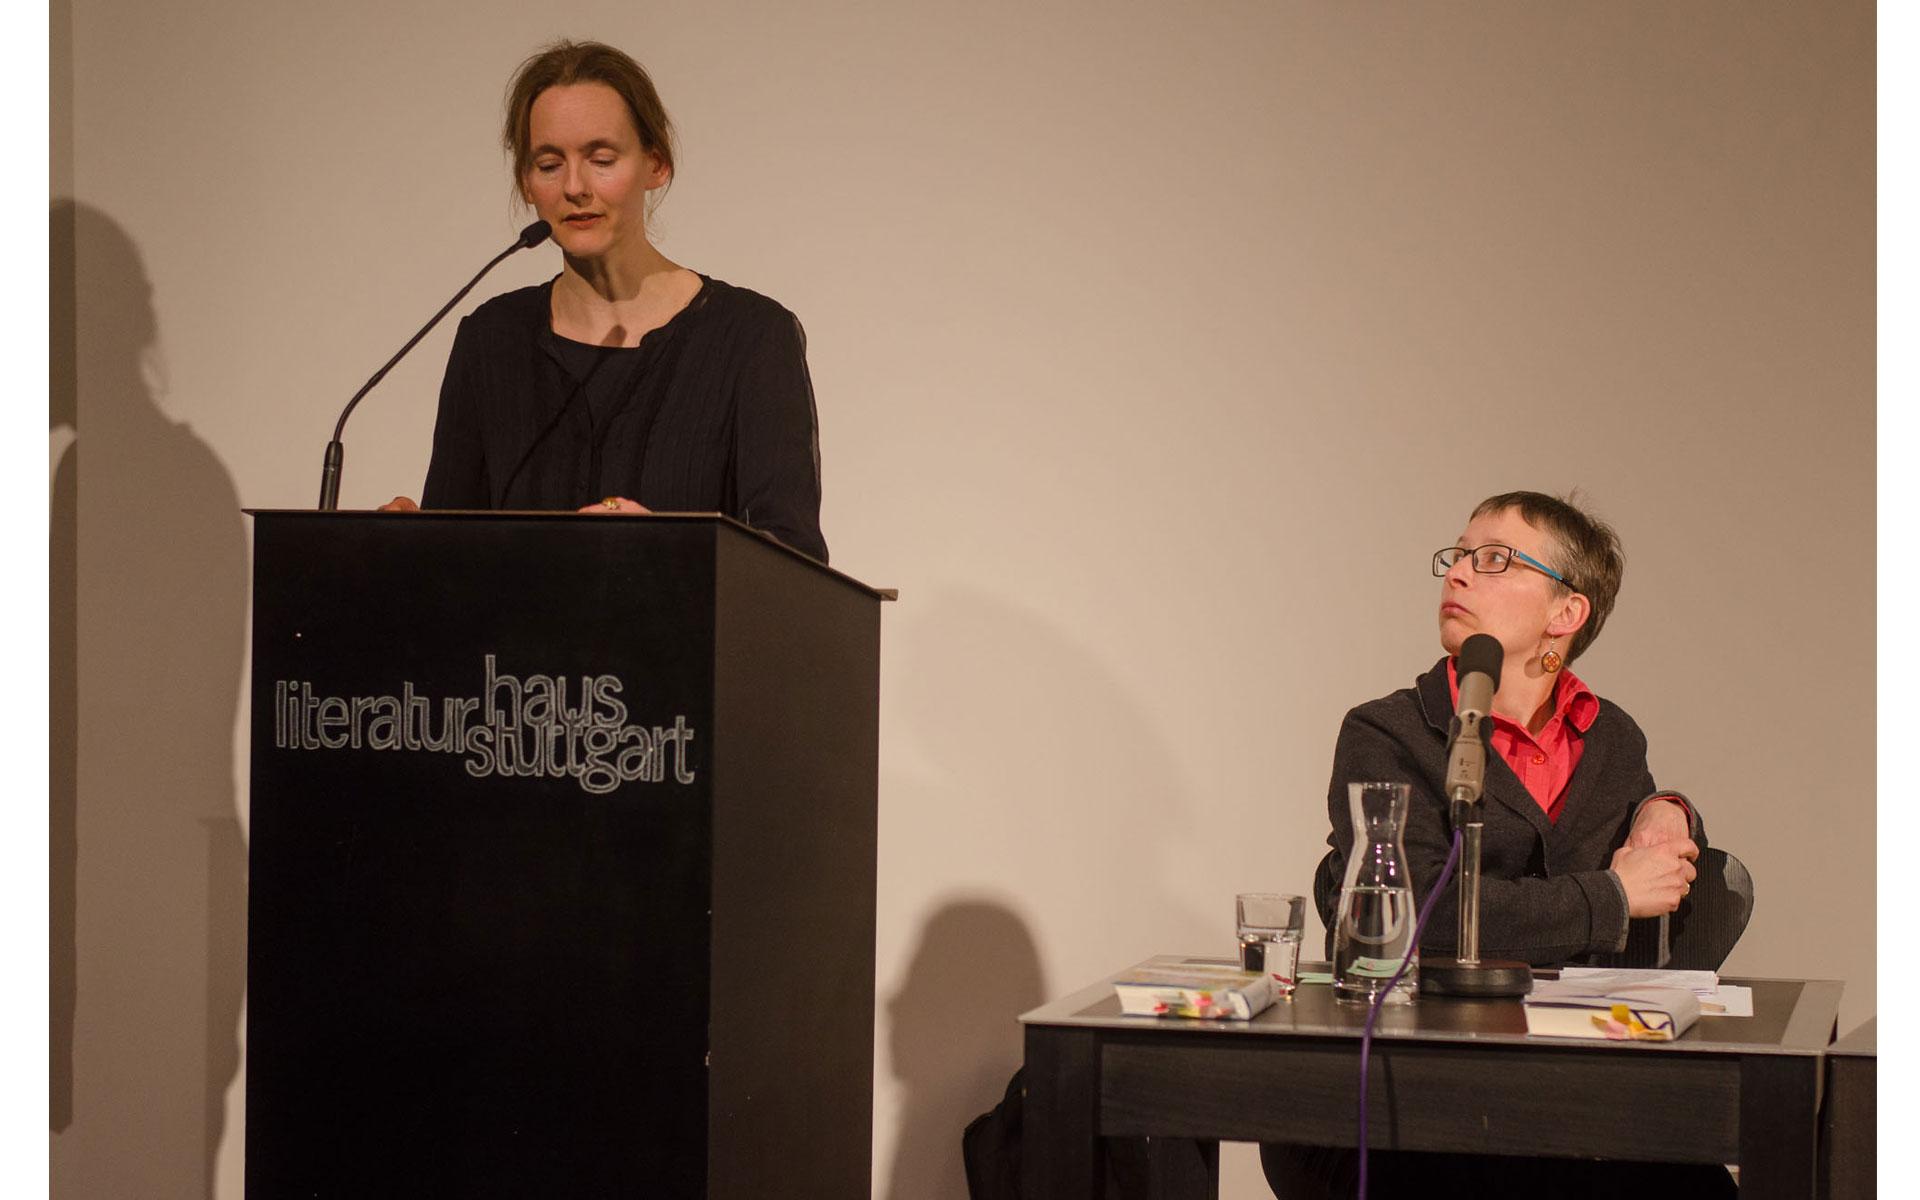 Tanja Maljartschuk, Zanna Sloniowska: Zerrspiegel. Erinnerungsbilder,                                                             Donnerstag, 04.04.19               /                   19.30              Uhr                               <br/>(c) Heiner Wittmann